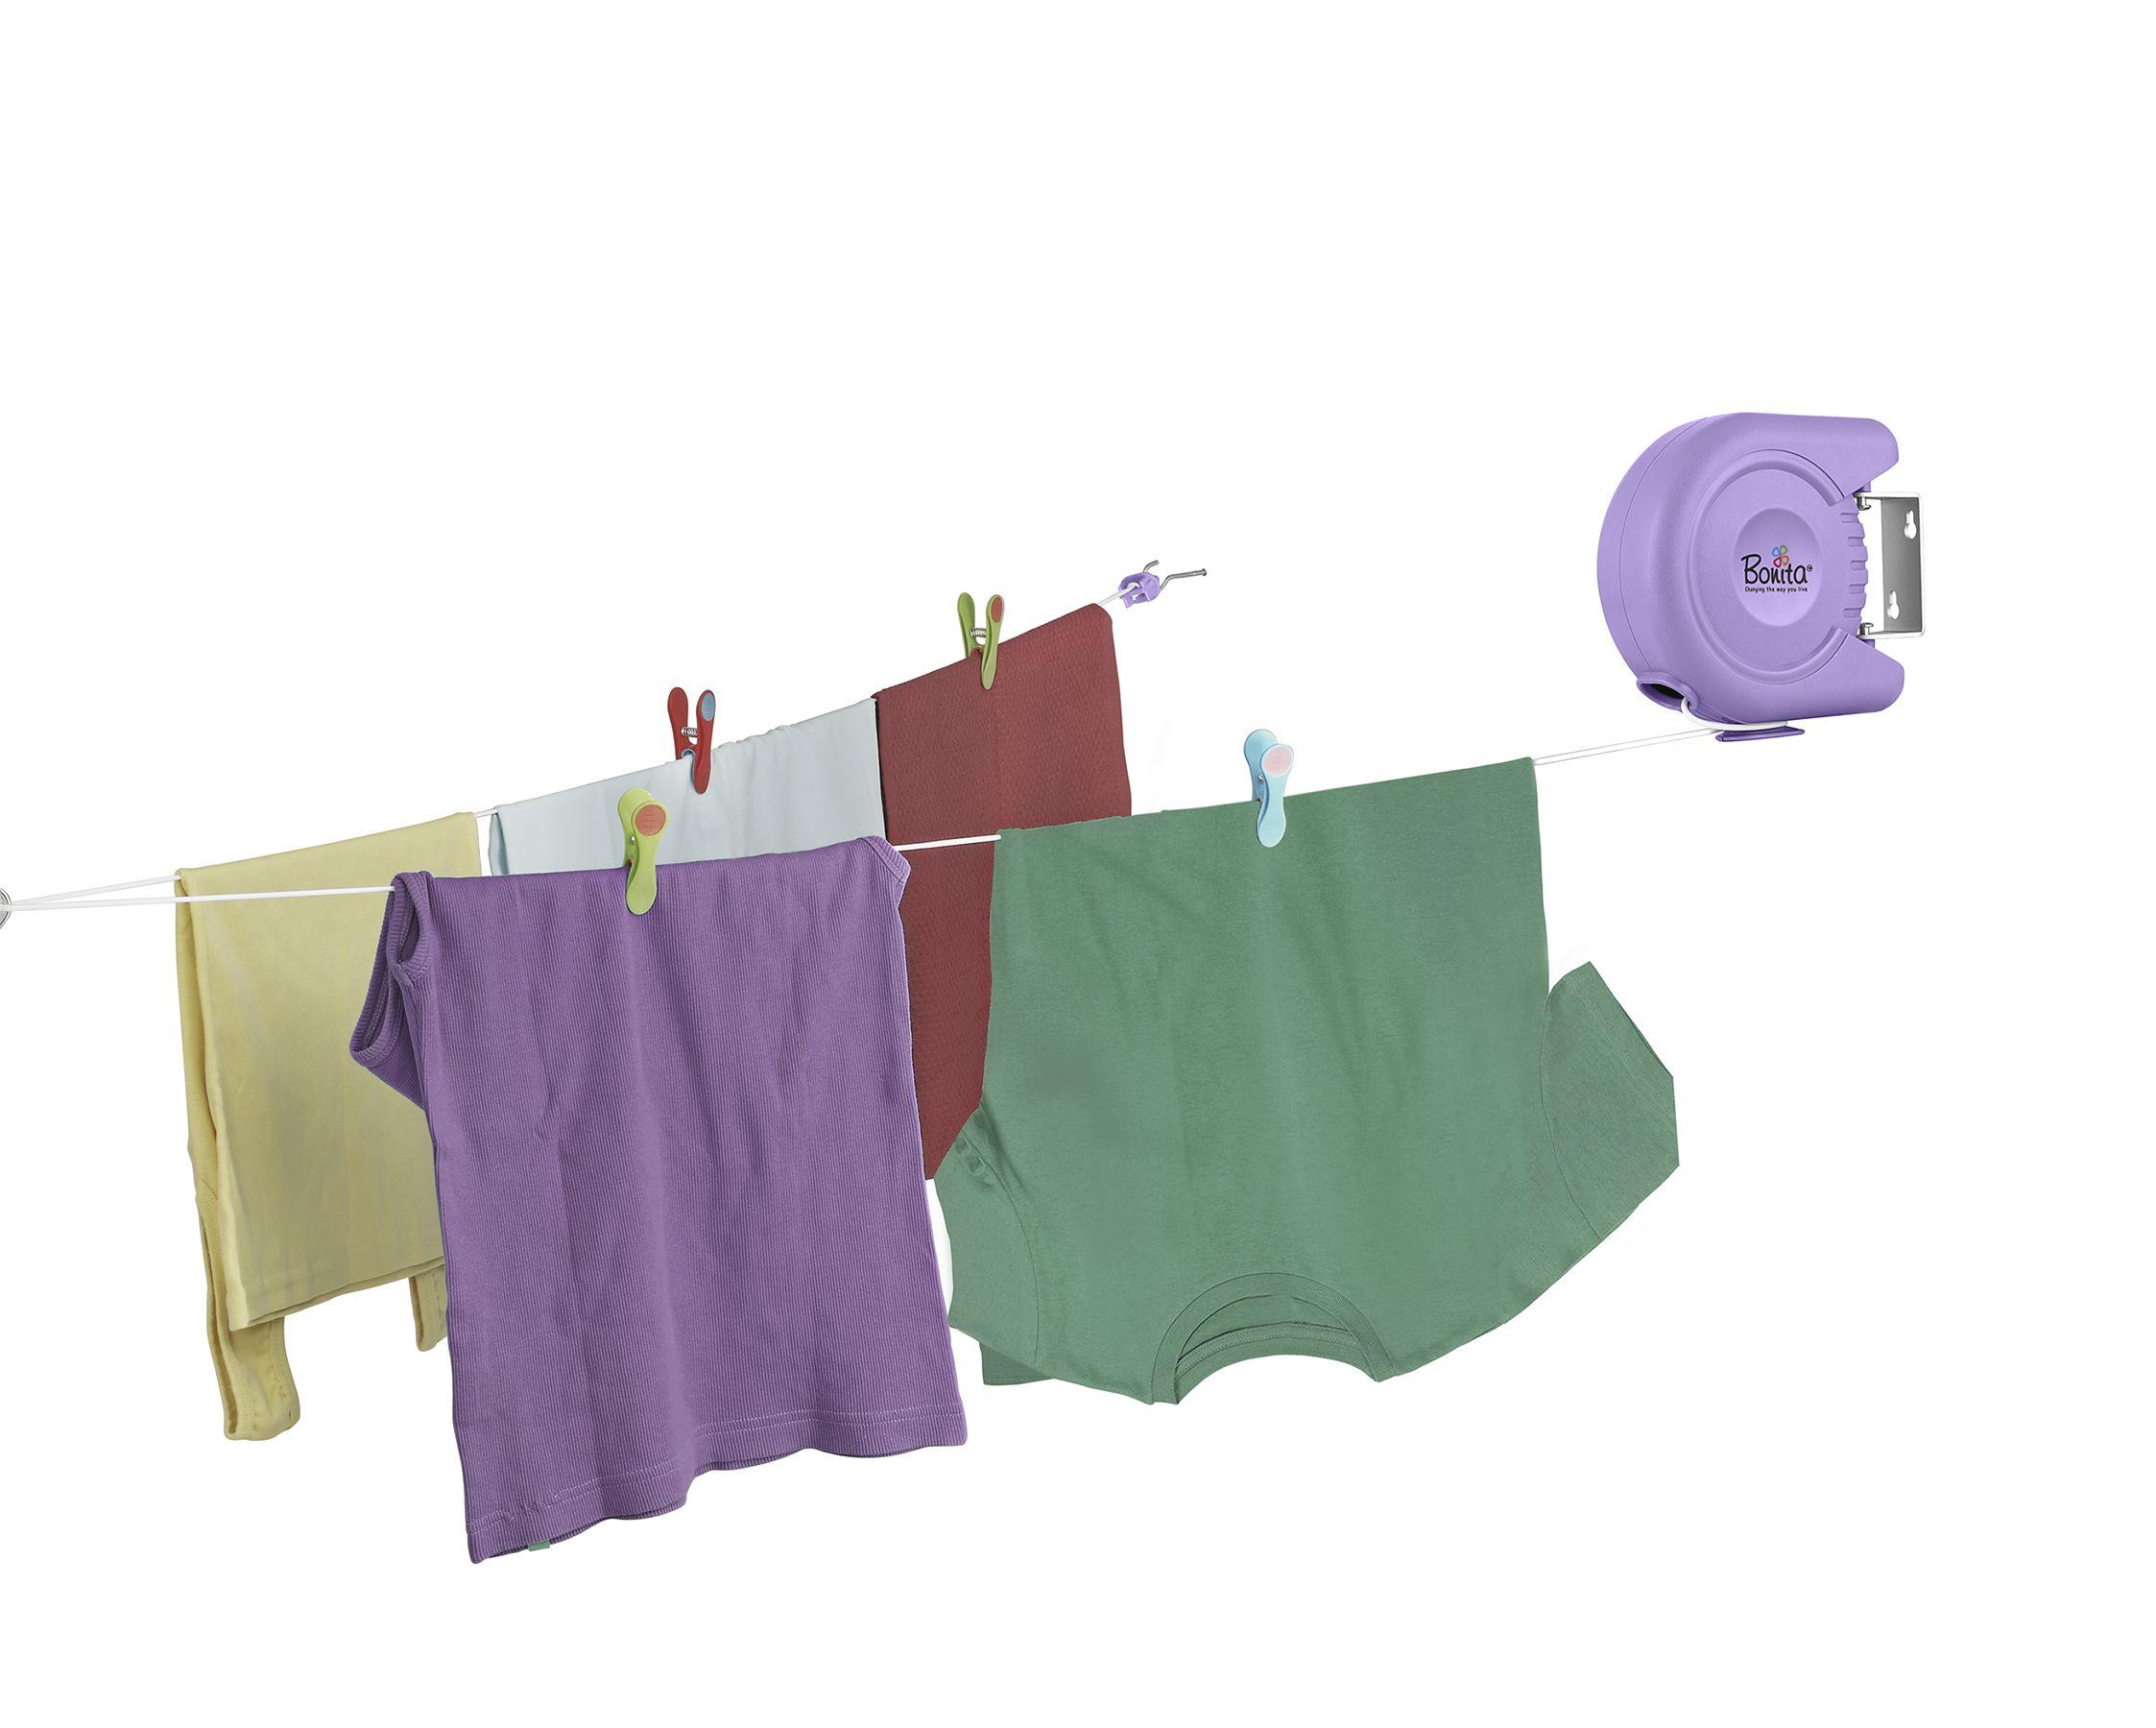 Bonita Delight Retractable Cloth Line Rope 40 feet Purple